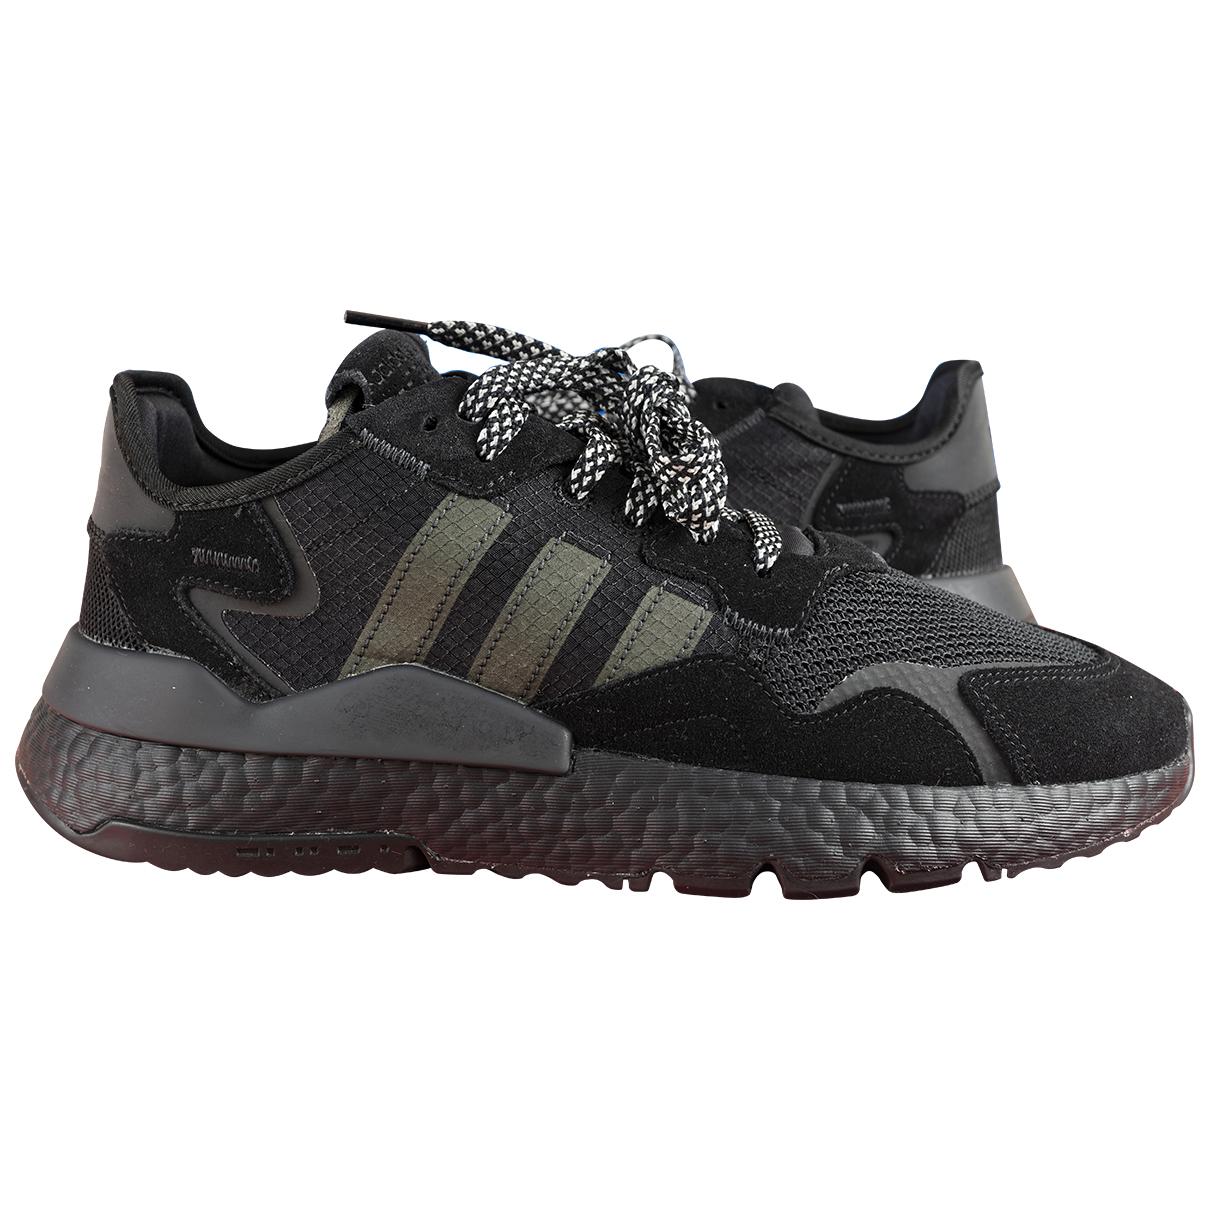 Adidas - Baskets   pour homme en toile - noir